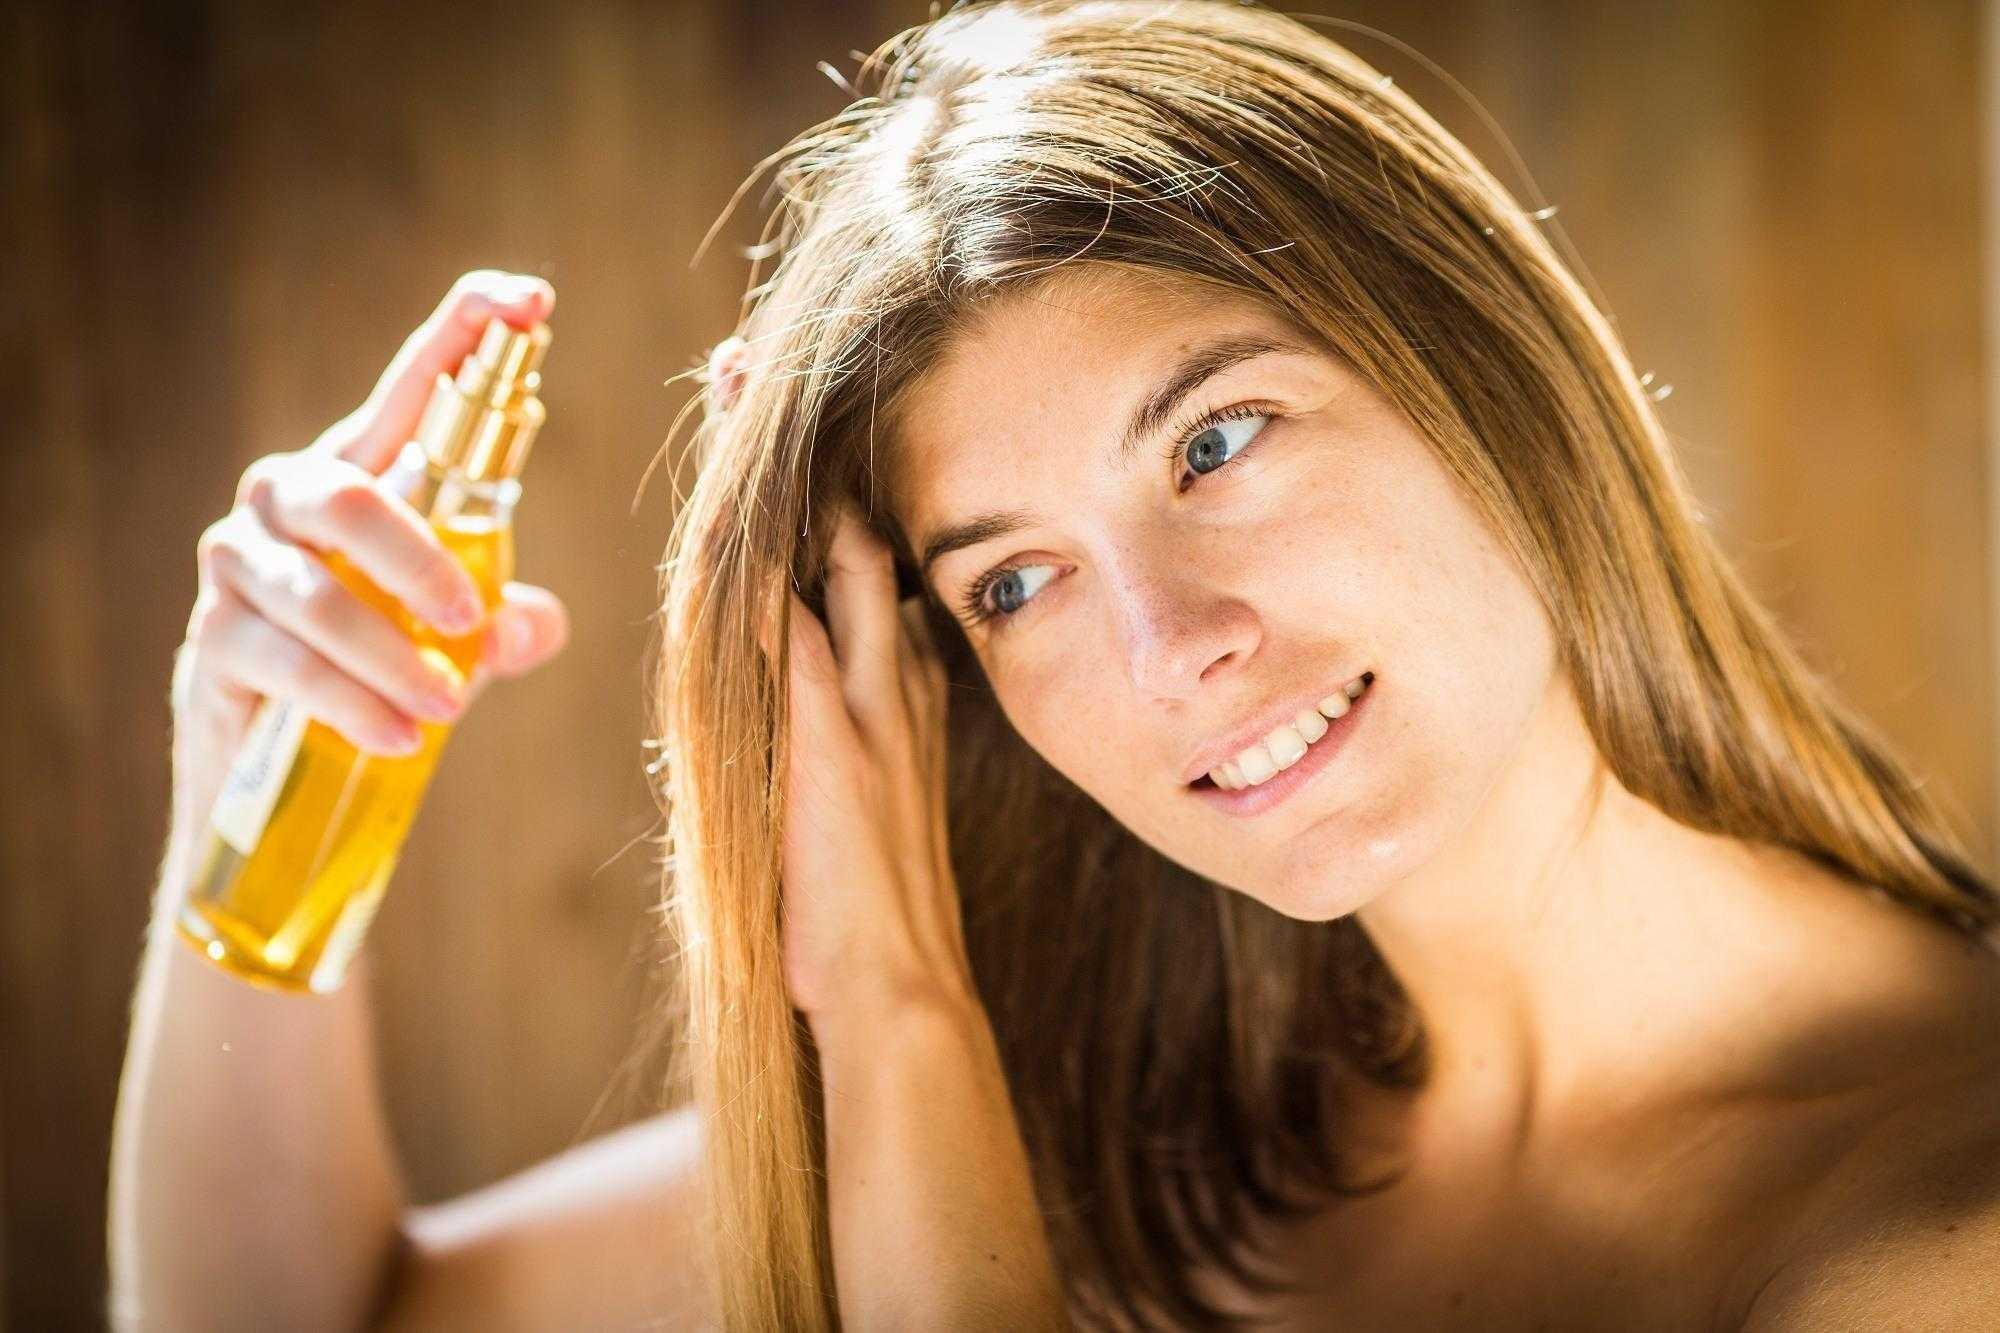 Уход за кожей лица весной: увлажнение, тонизирование, уф защита